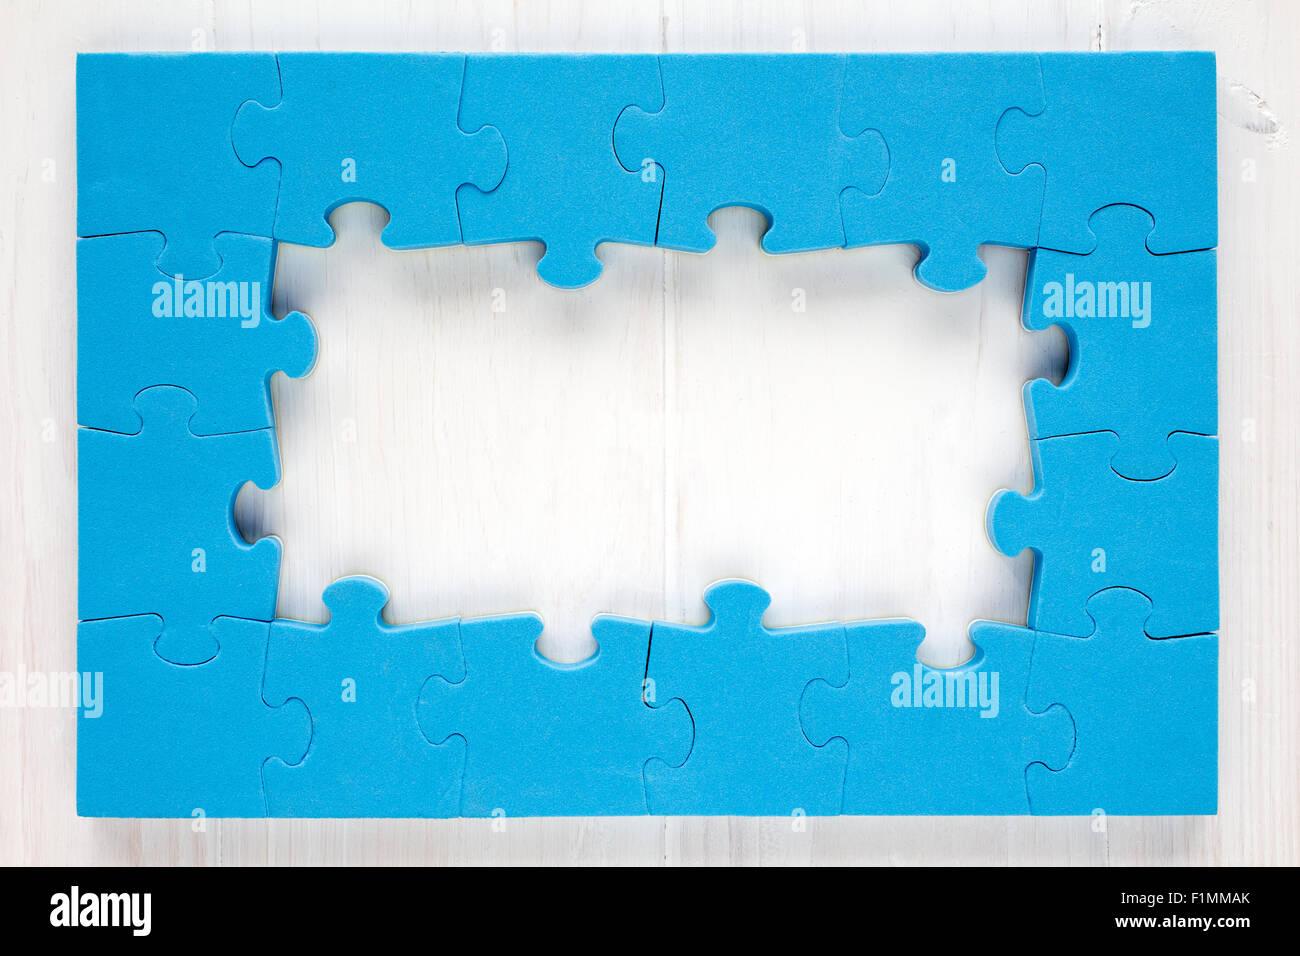 Jigsaw Puzzle Frame Stockfotos & Jigsaw Puzzle Frame Bilder - Alamy